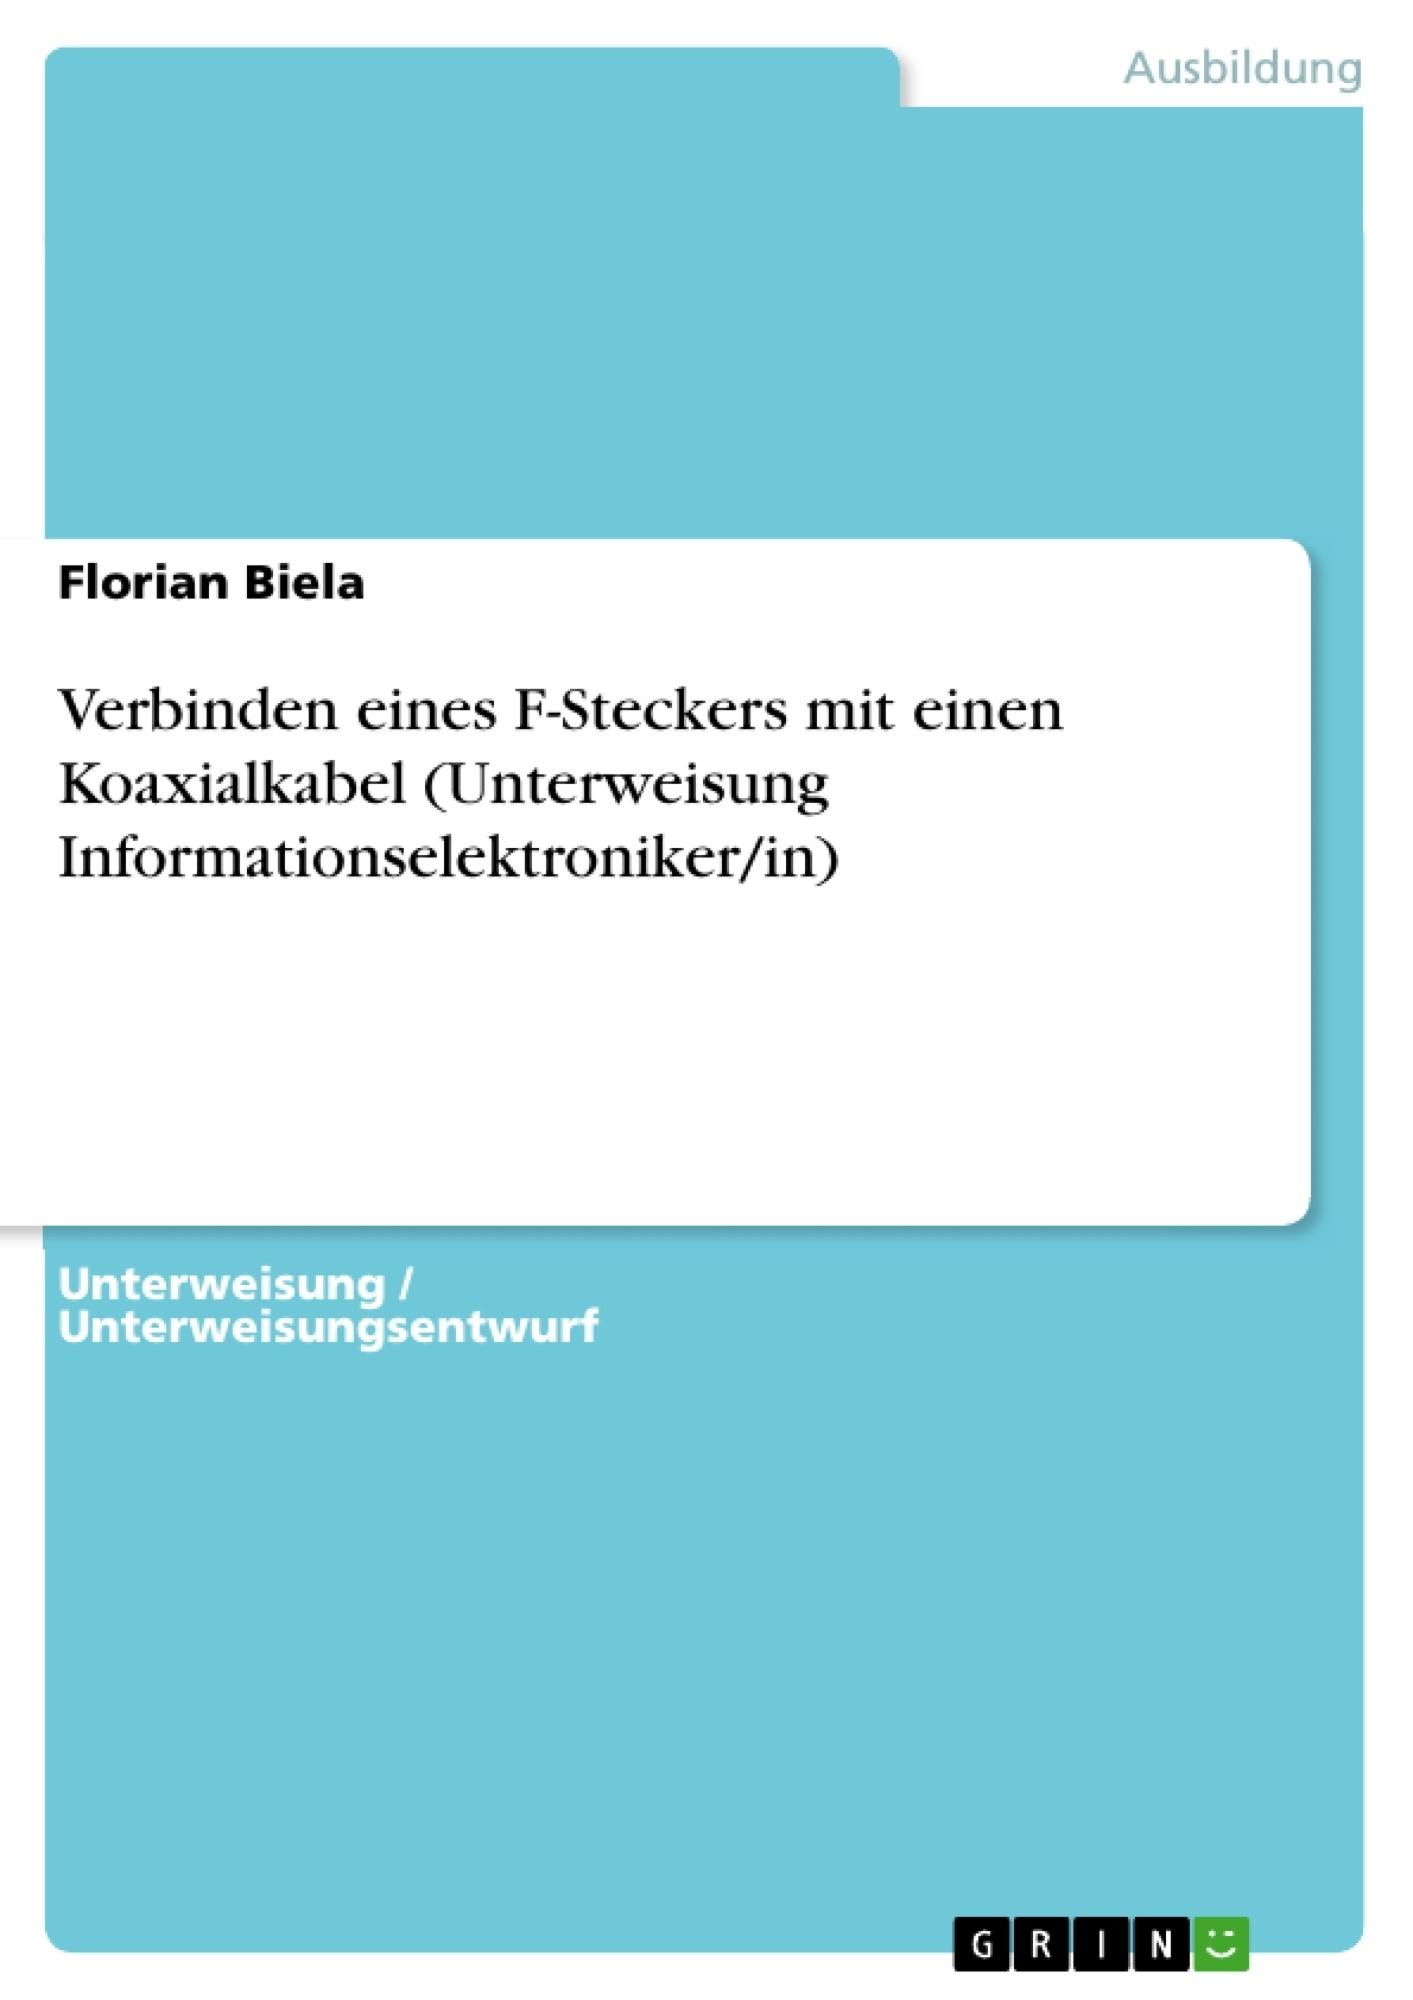 Titel: Verbinden eines F-Steckers mit einen Koaxialkabel (Unterweisung Informationselektroniker/in)